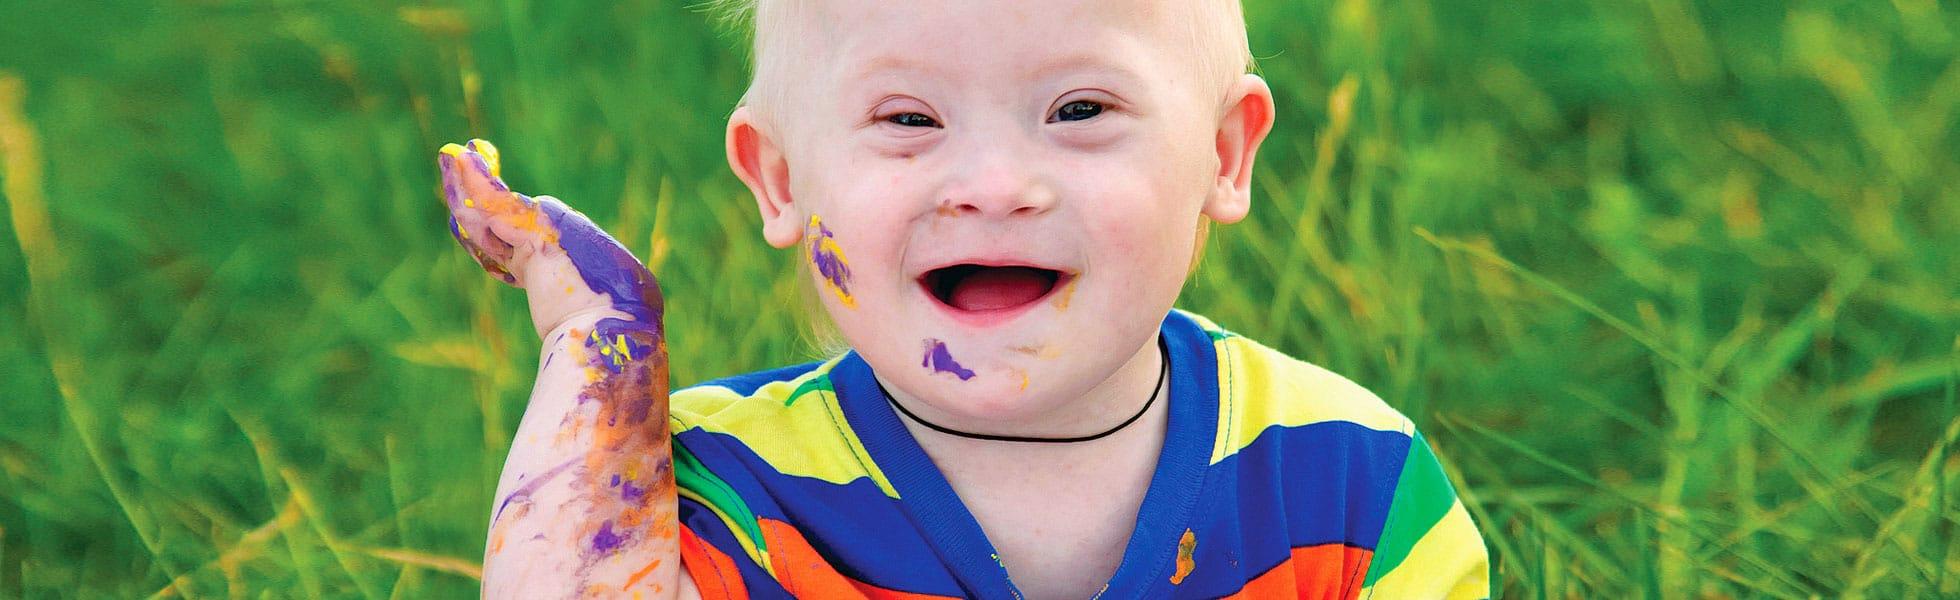 קול הזכויות - מימוש זכויות של ילדים עם צרכים מיוחדים